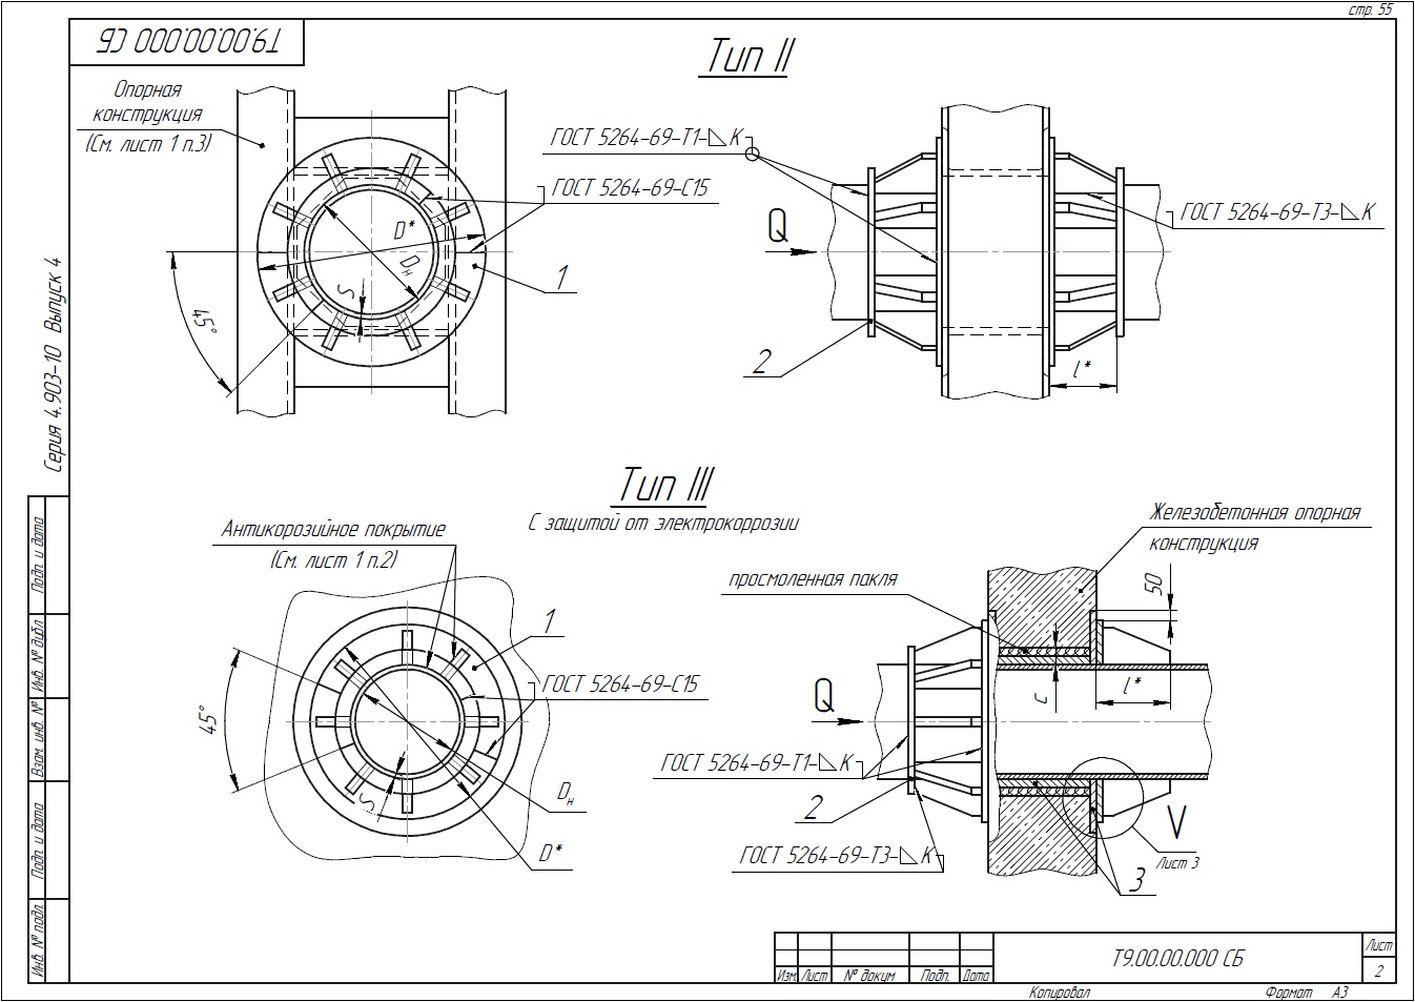 Опора неподвижная щитовая усиленная Т9 серия 4.903-10 вып.4 стр.2